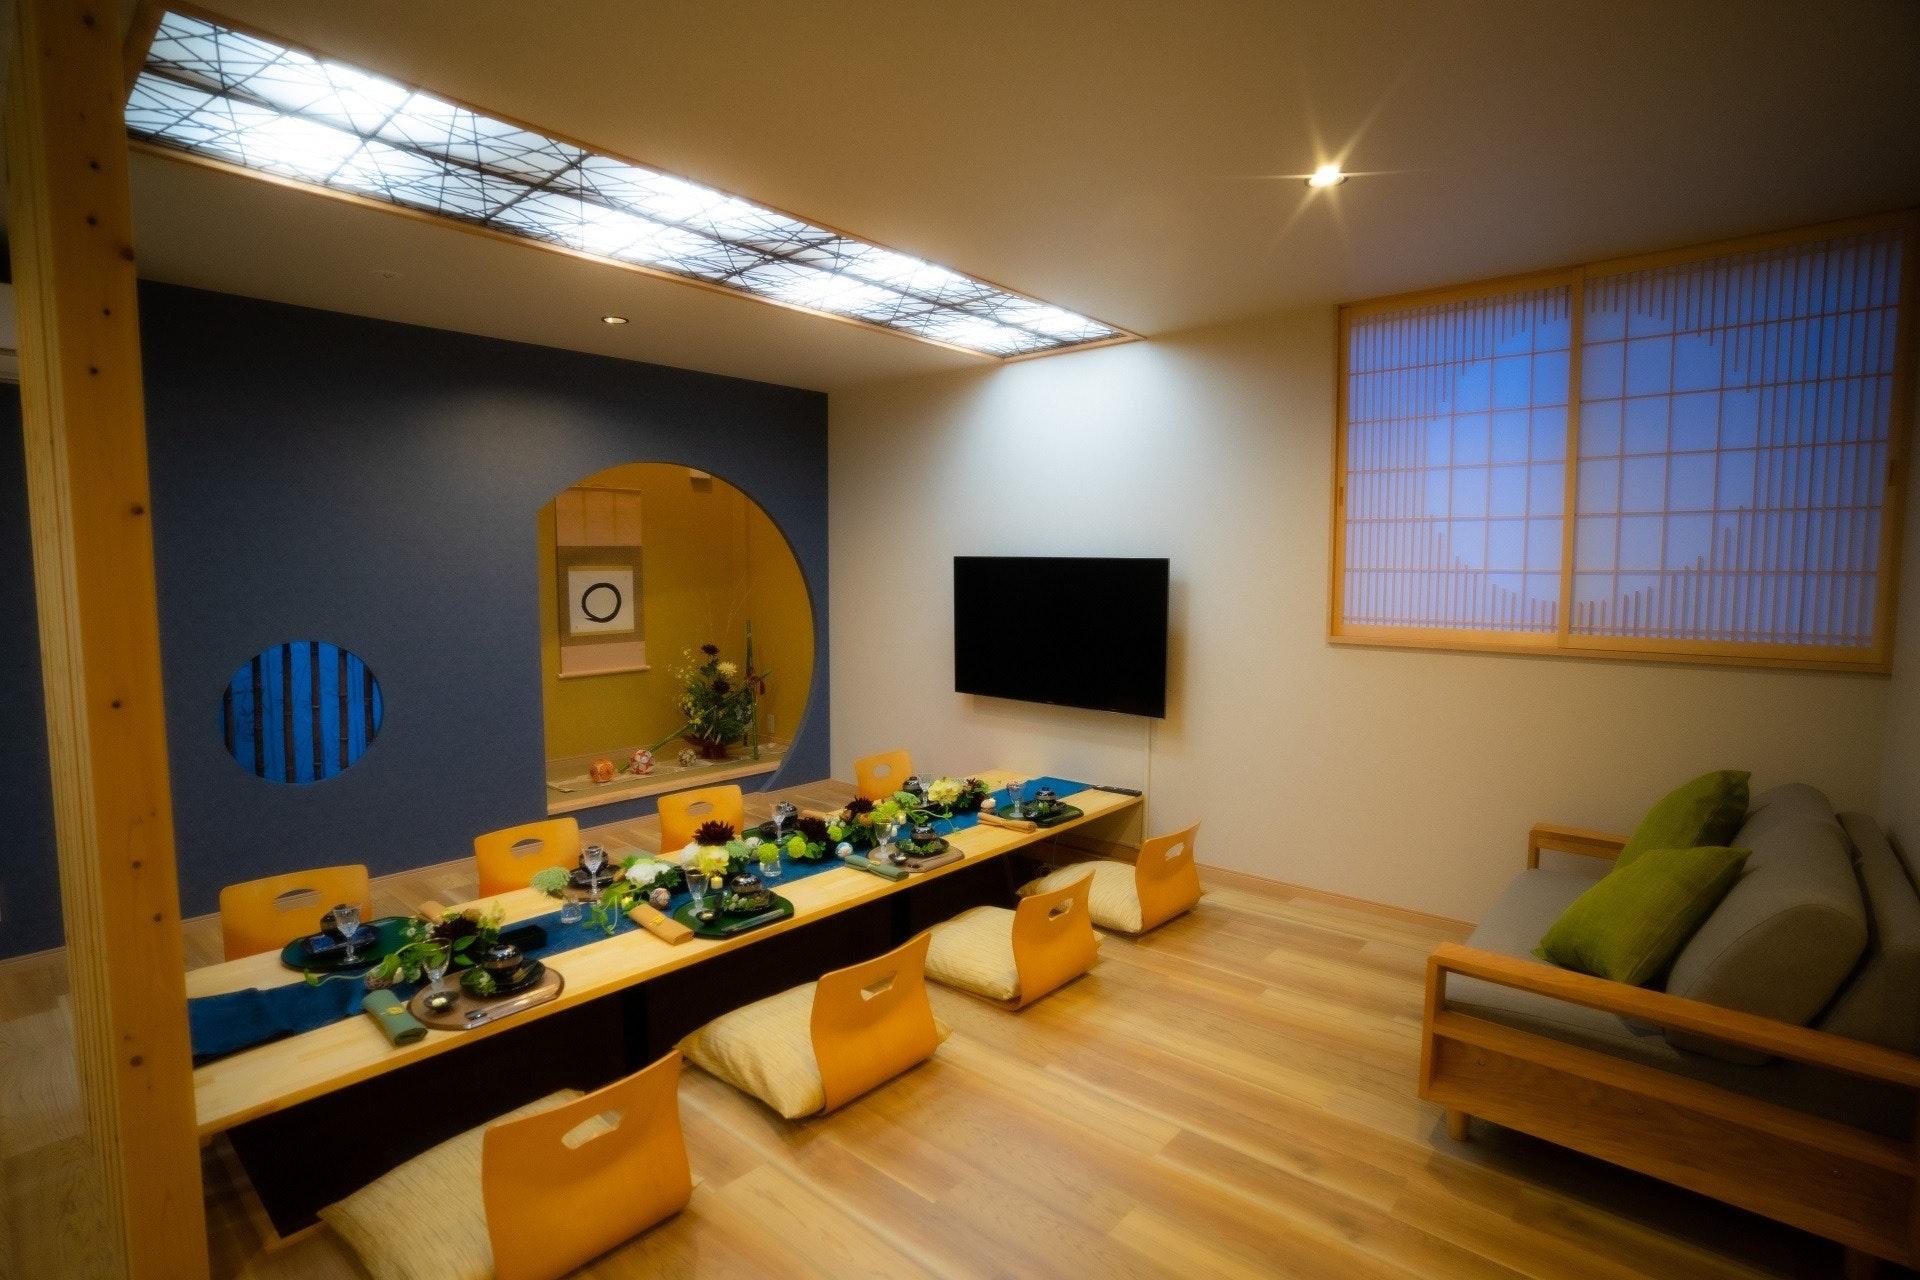 名古屋駅 新築 和風 一軒家貸切